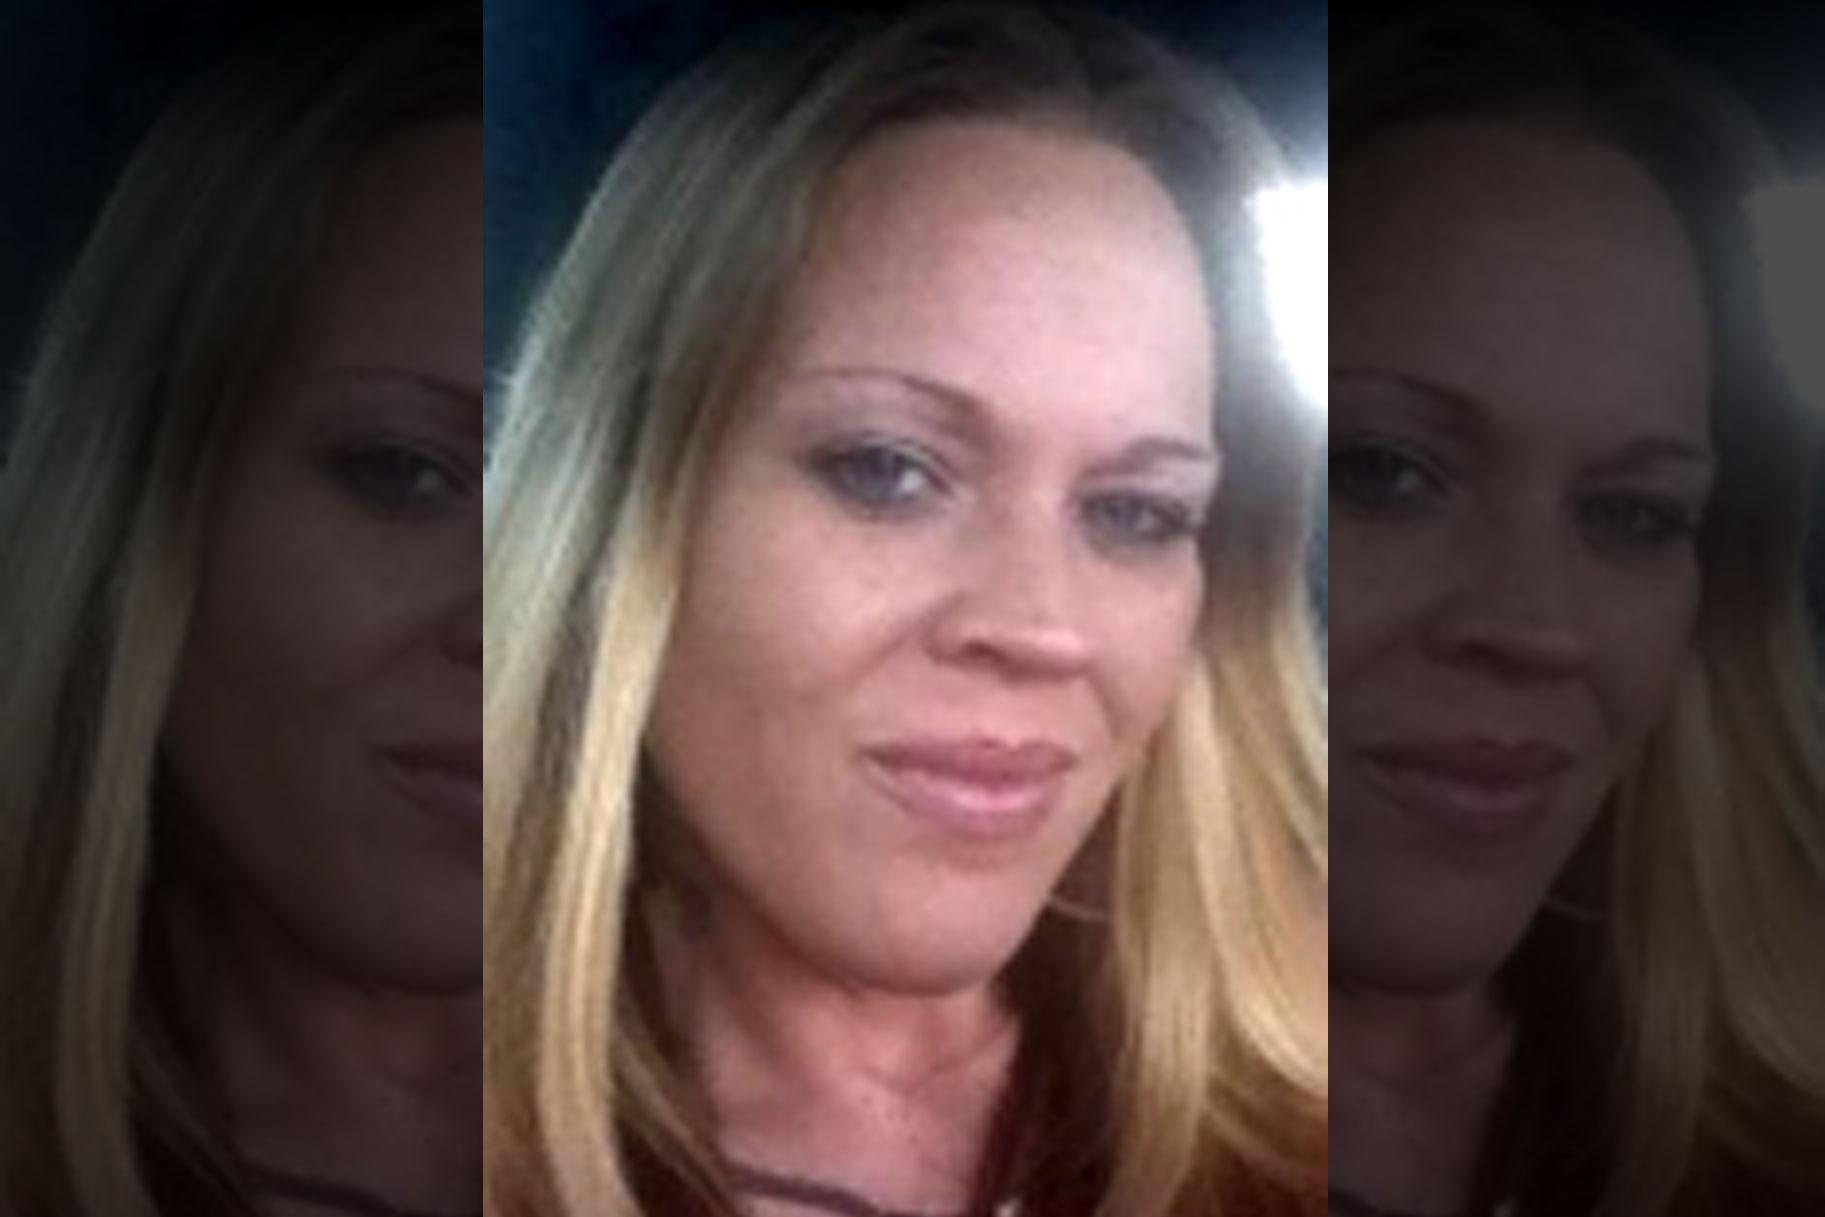 Το σώμα της γυναίκας που λείπει για 6 χρόνια βρέθηκε στον καταψύκτη στο Scrapyard